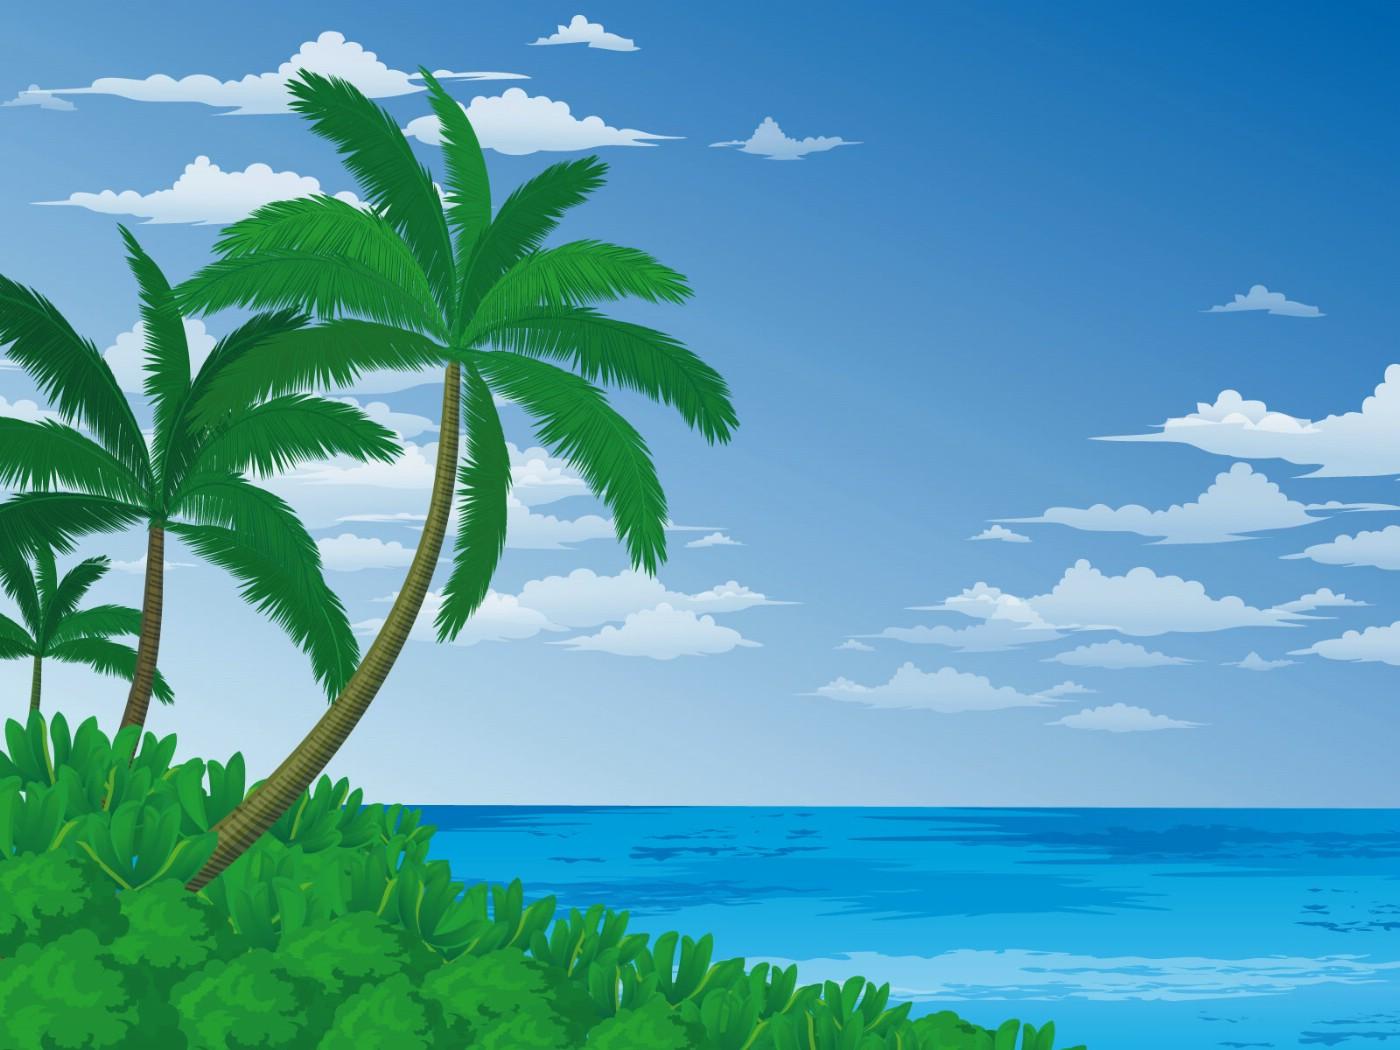 壁纸1400×1050矢量夏日海滩 1 8壁纸 矢量风光 矢量夏日海滩 第一辑壁纸图片矢量壁纸矢量图片素材桌面壁纸